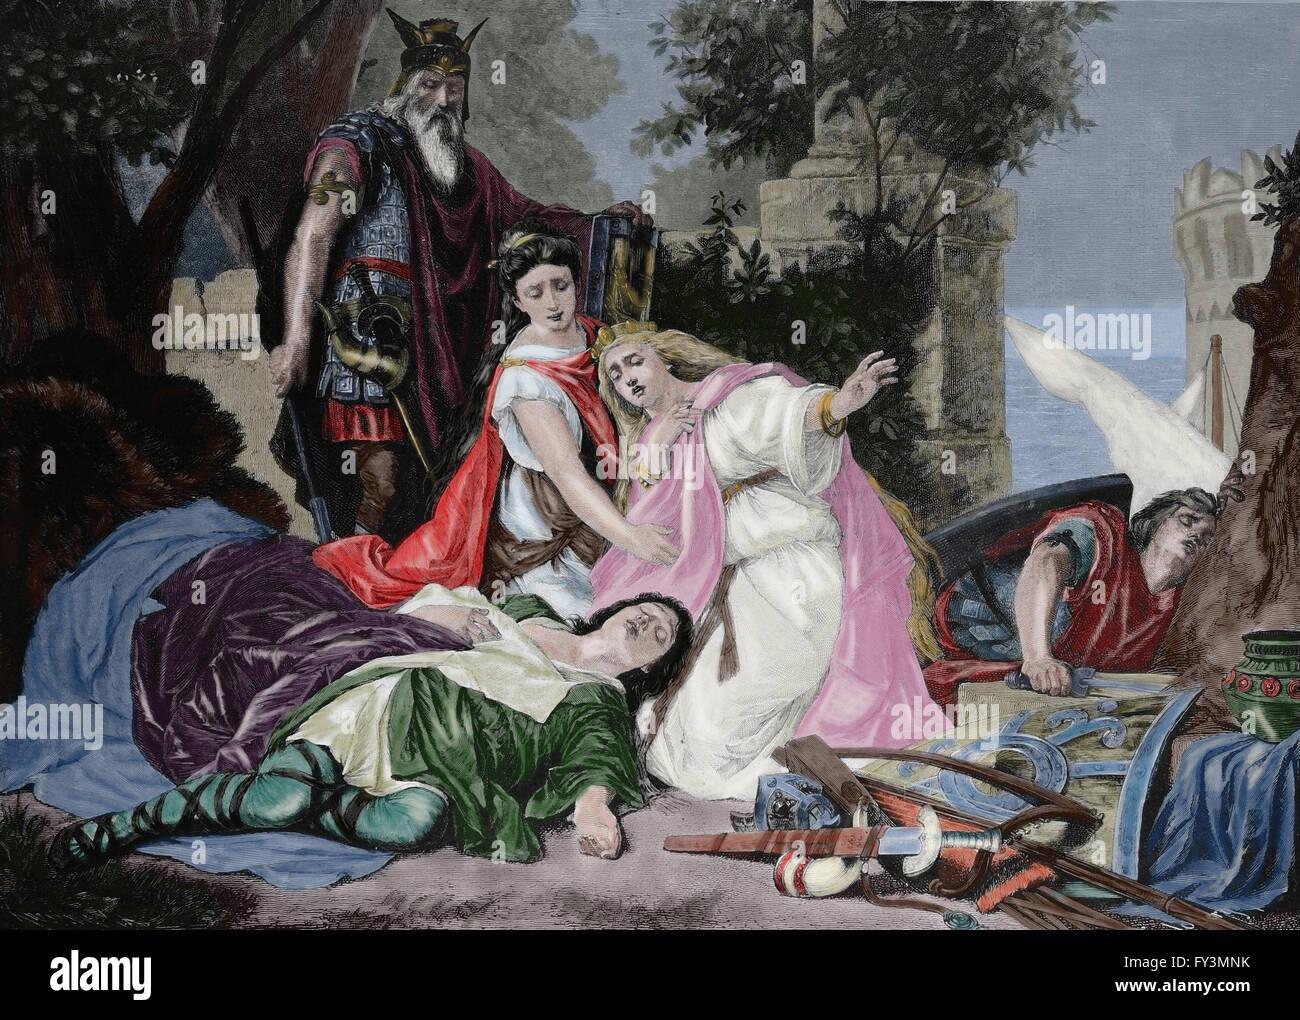 """Der Tod von Tristan. Deutschen Komponisten Richard Wagner 1813-1883. """"Tristan und Isolde"""". Gravur, um Stockbild"""